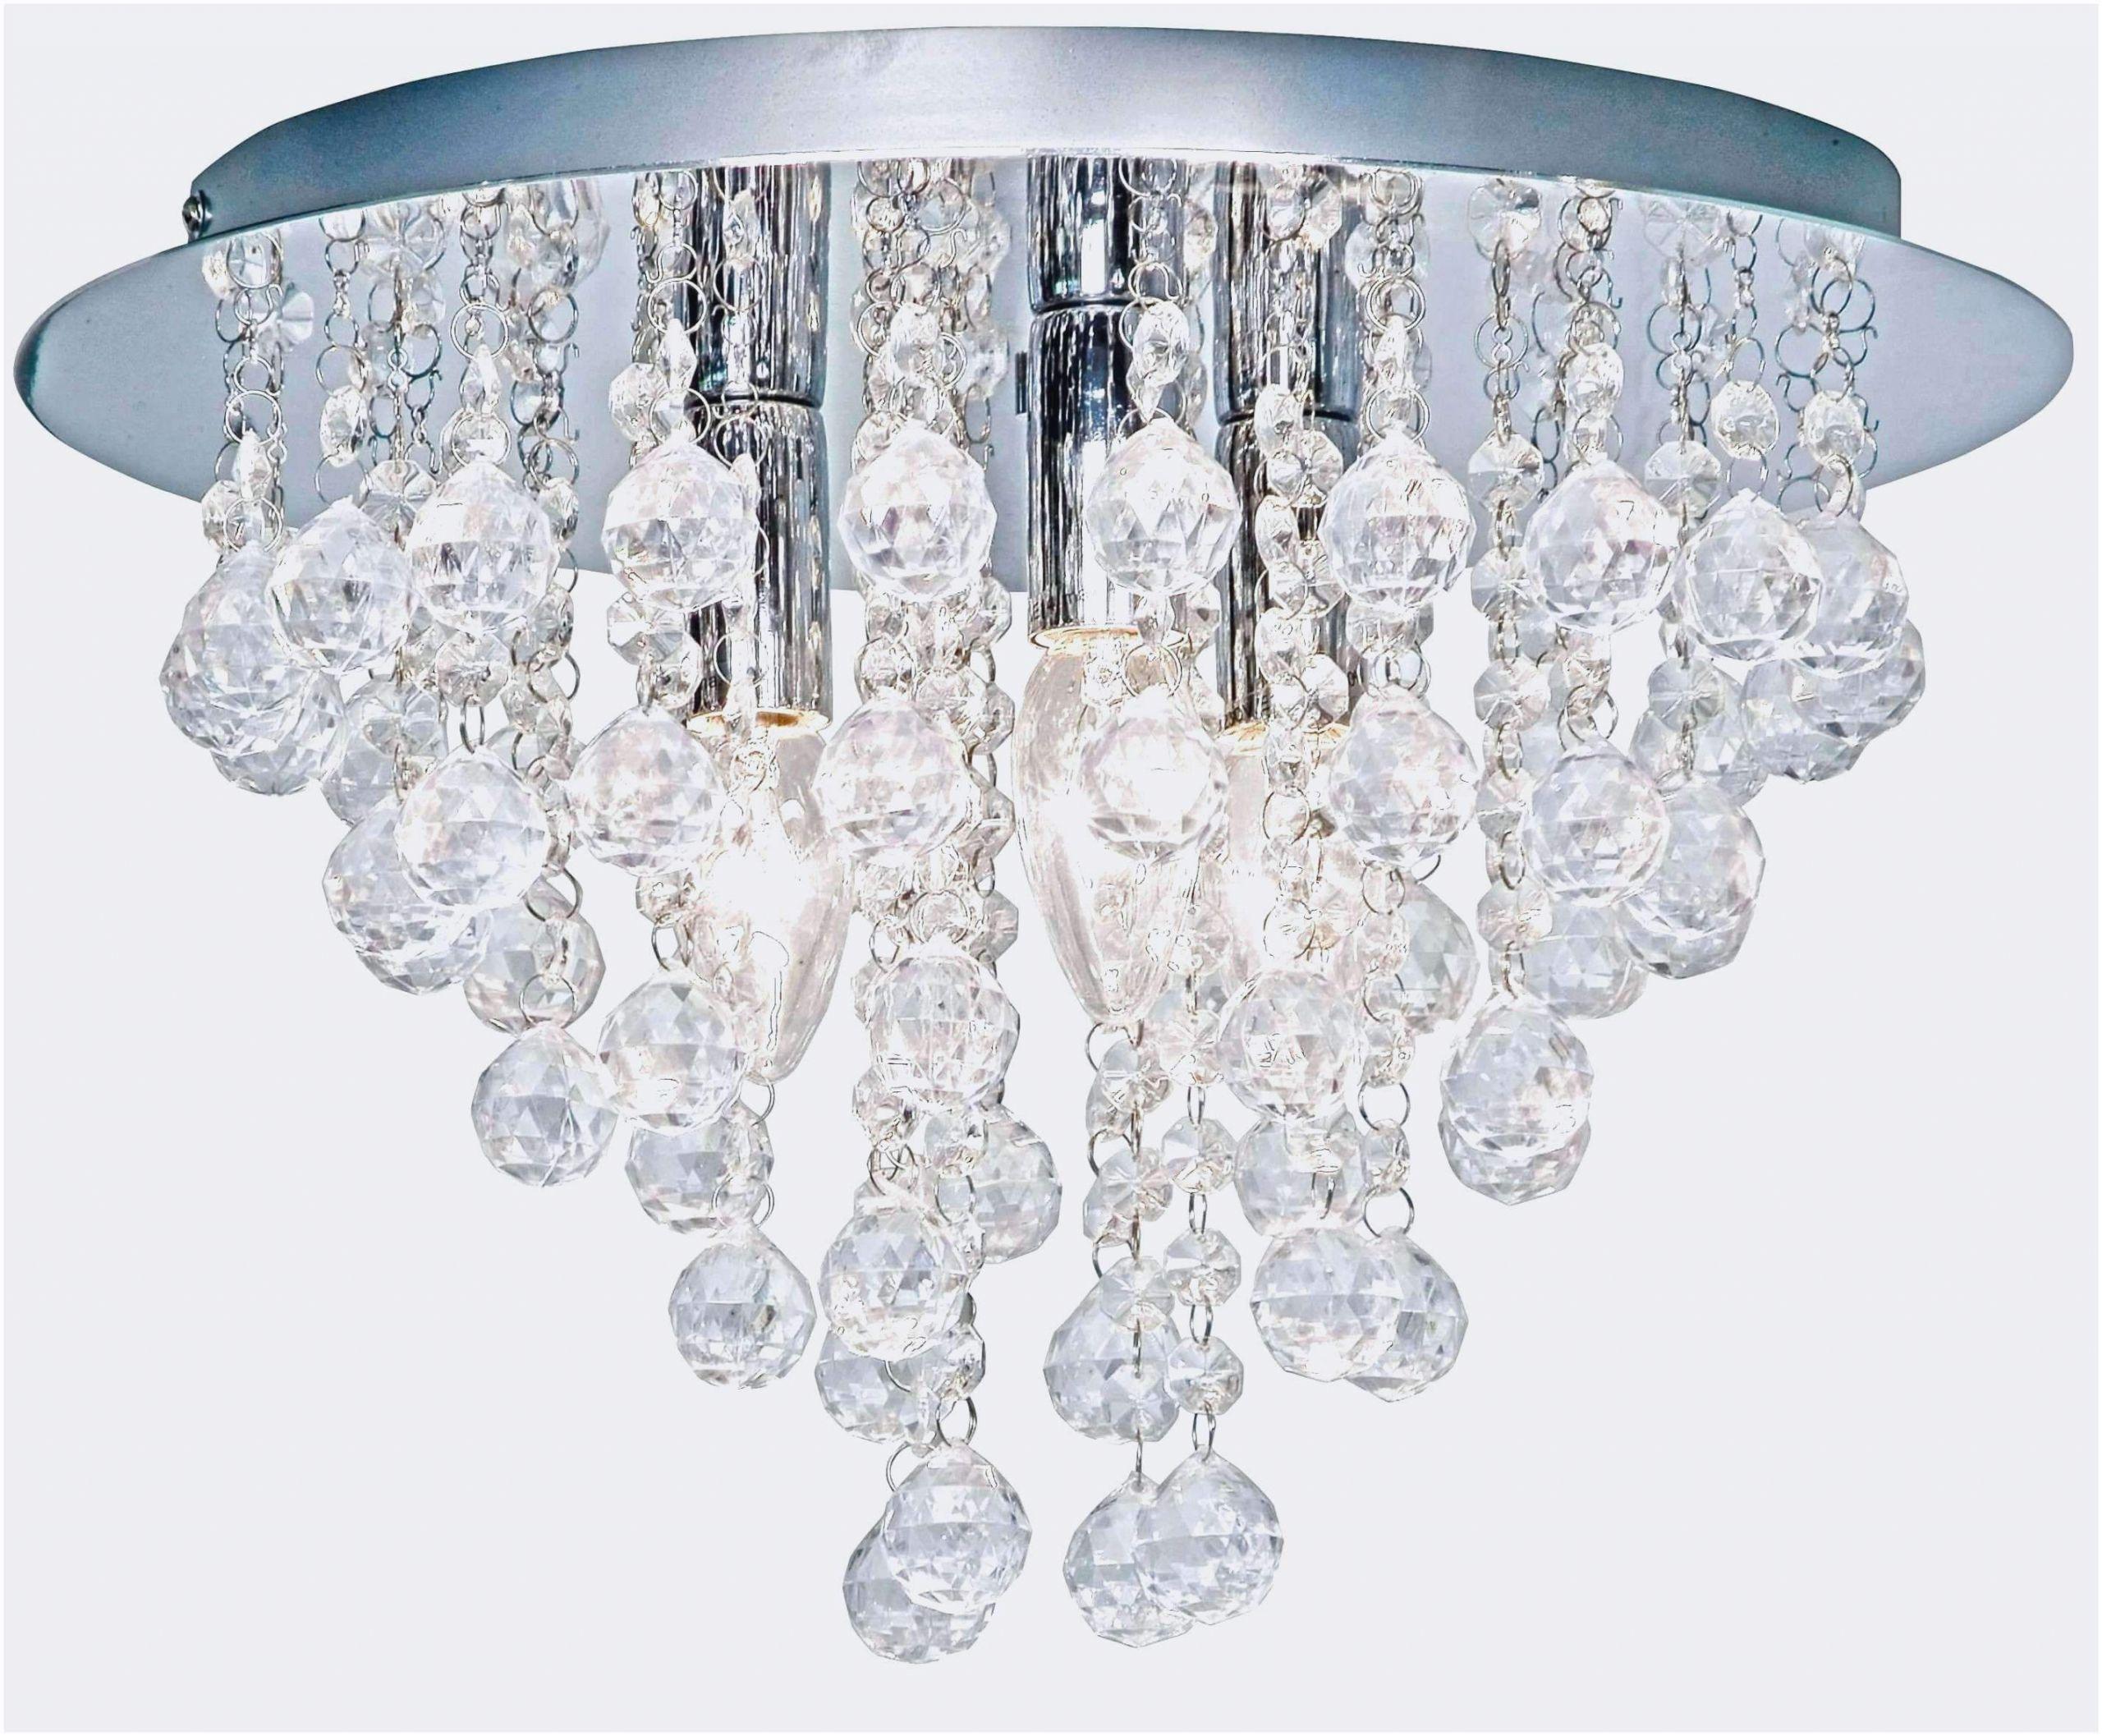 Full Size of Wohnzimmer Lampe Ikea Lampen Von Decke Stehend Leuchten Deckenlampe Küche Bad Landhausstil Sofa Kleines Indirekte Beleuchtung Spiegellampe Tisch Tischlampe Wohnzimmer Wohnzimmer Lampe Ikea